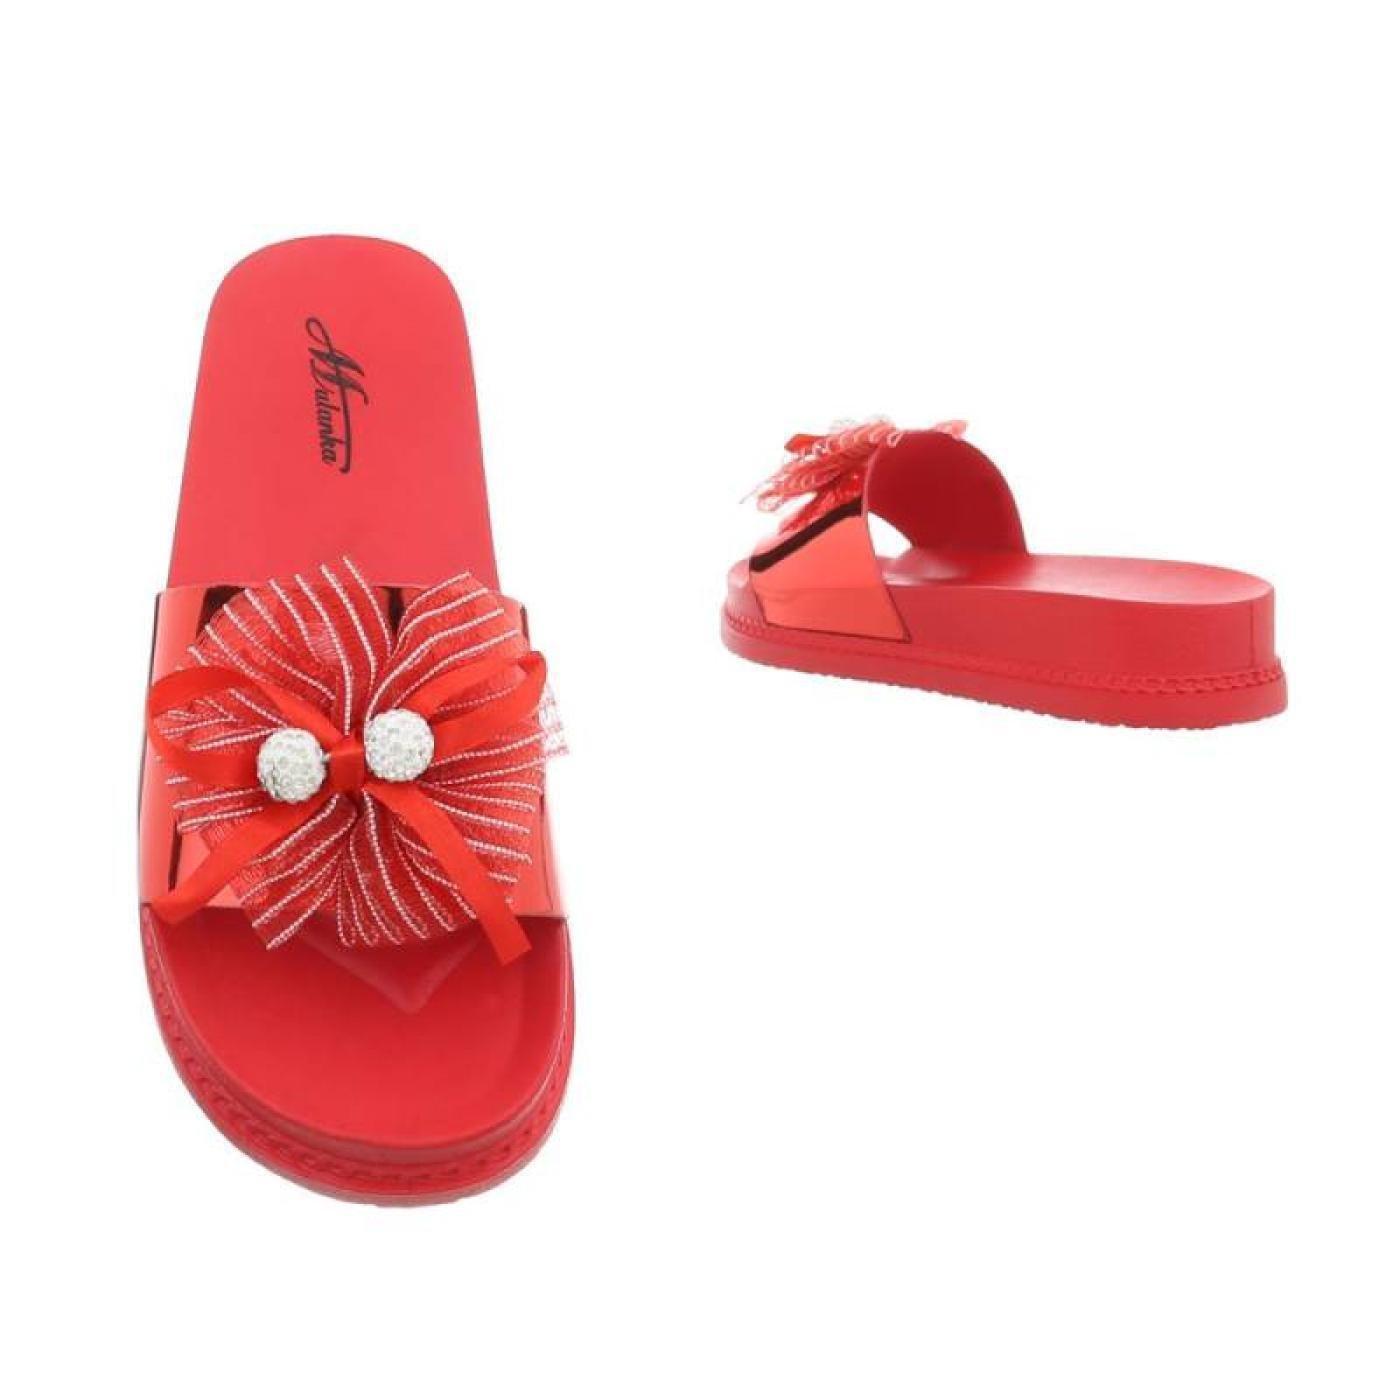 Cingant Woman - Zapatilla Baja de Sintético Mujer, Color Rojo, Talla 37 EU: Amazon.es: Zapatos y complementos